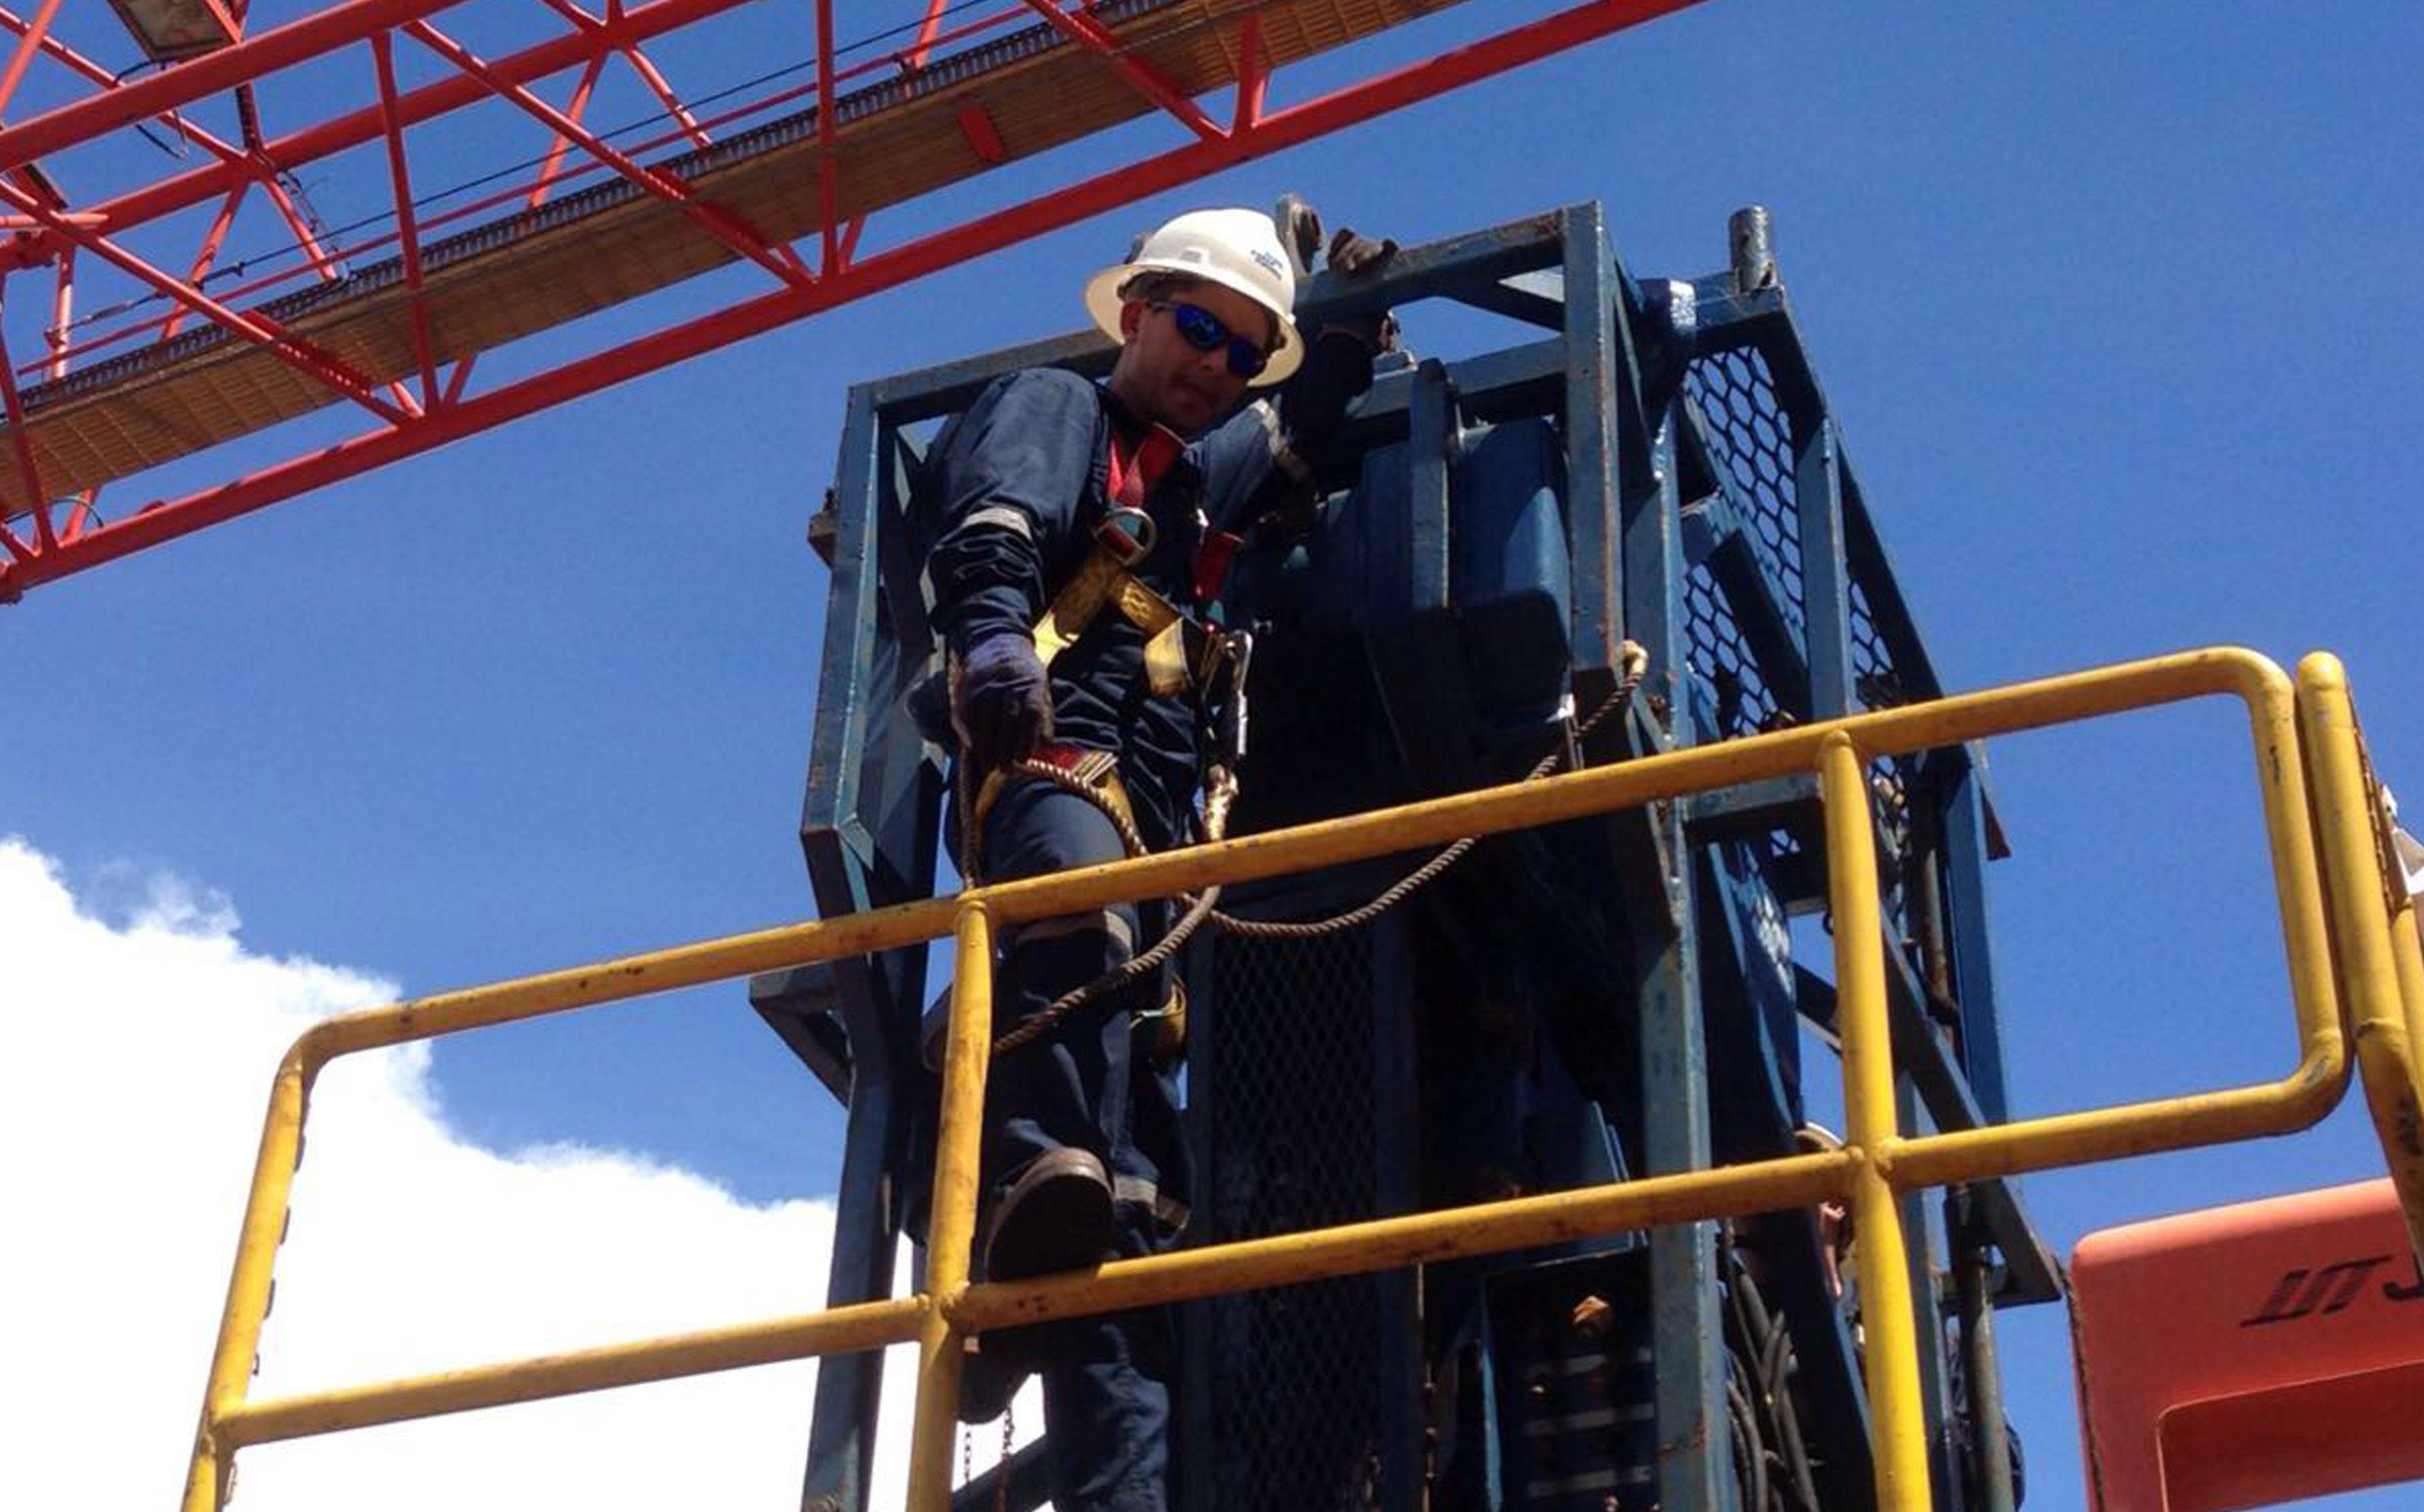 Sarawak Petroleum Oil Crisis Rig Offshore Platform